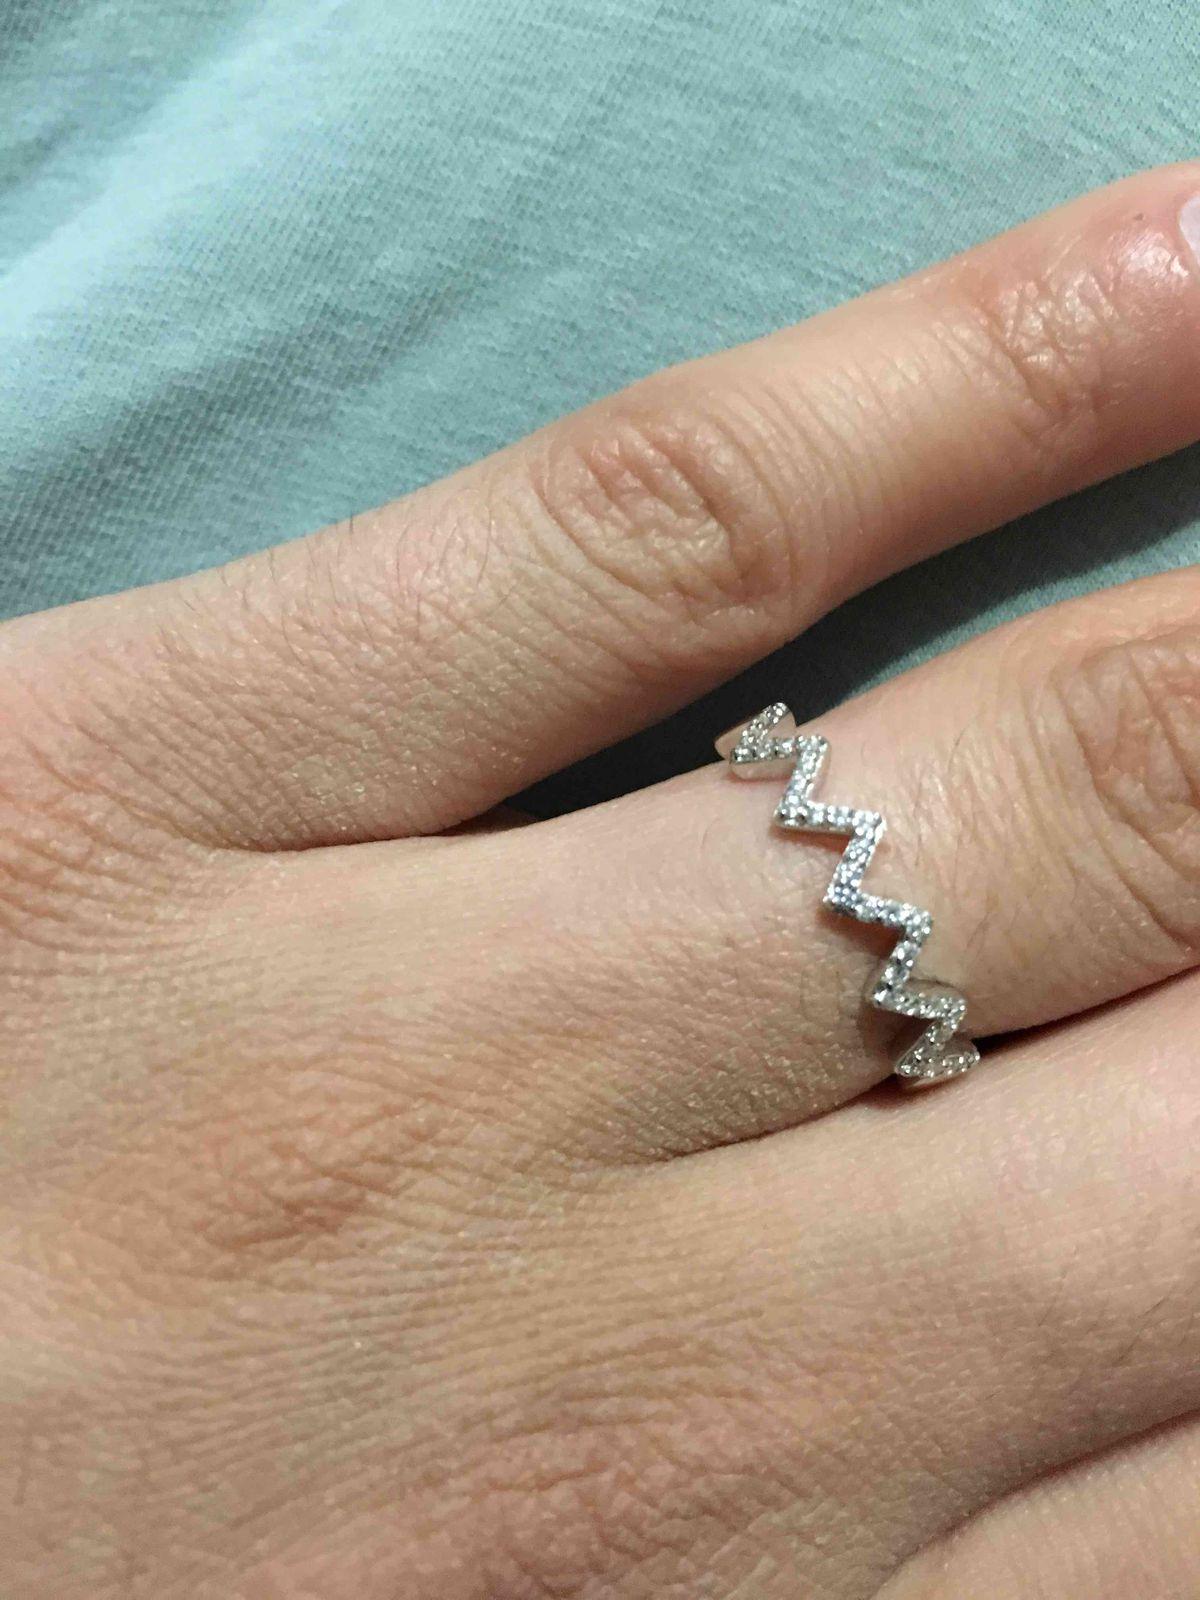 Потрясающее кольцо! Нежное! Красивое! Невероятно милое и притягательное!